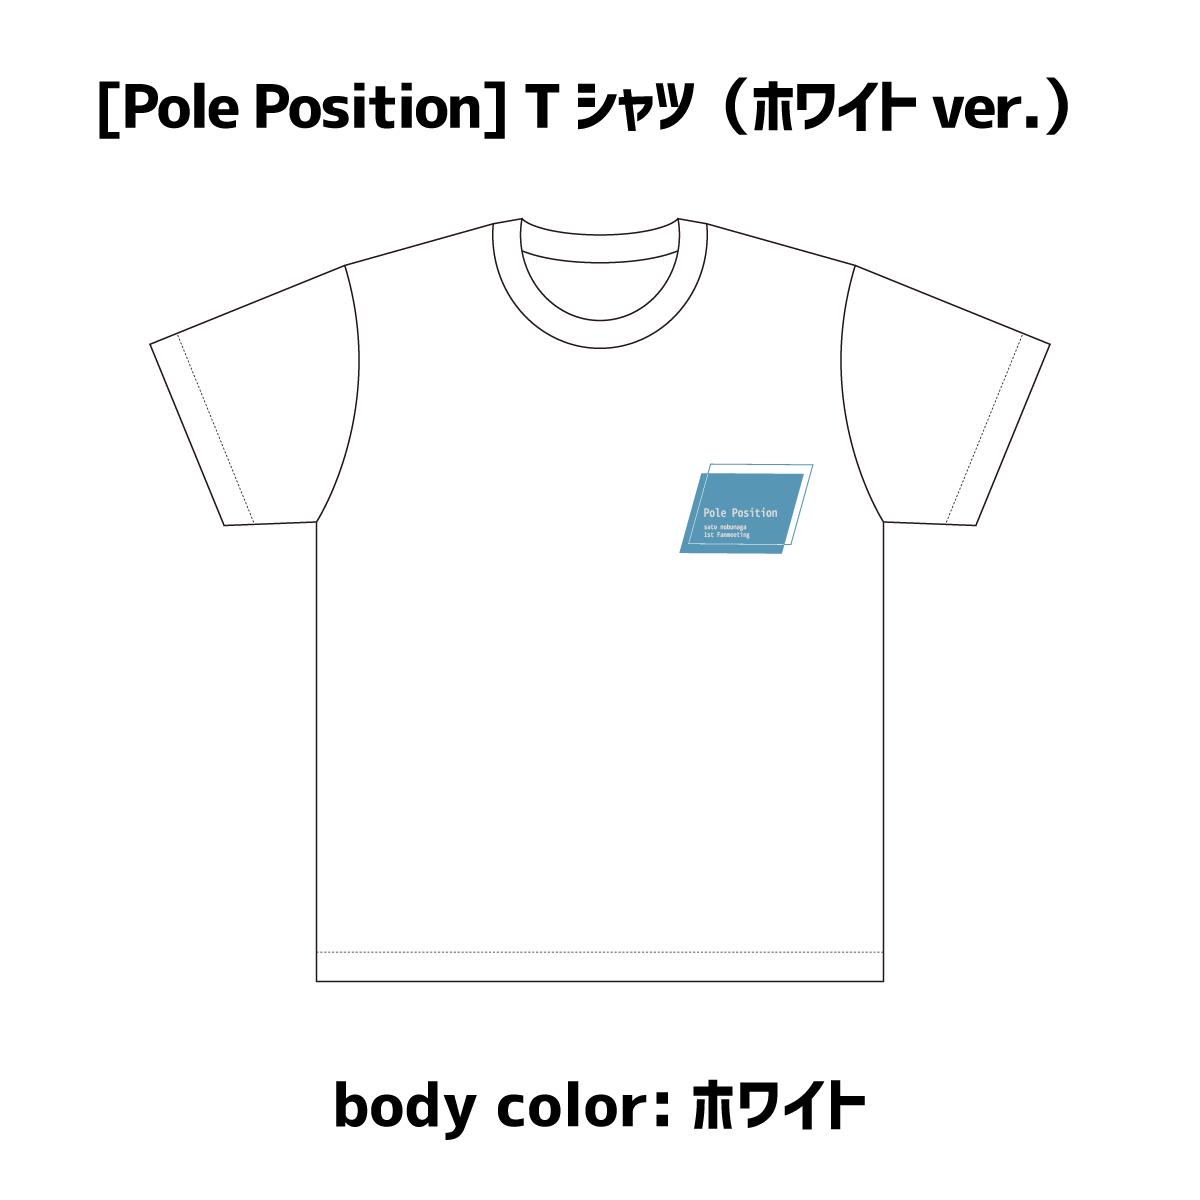 「佐藤信長1st Fanmeeting」[Pole Position] Tシャツ(ホワイトver.)